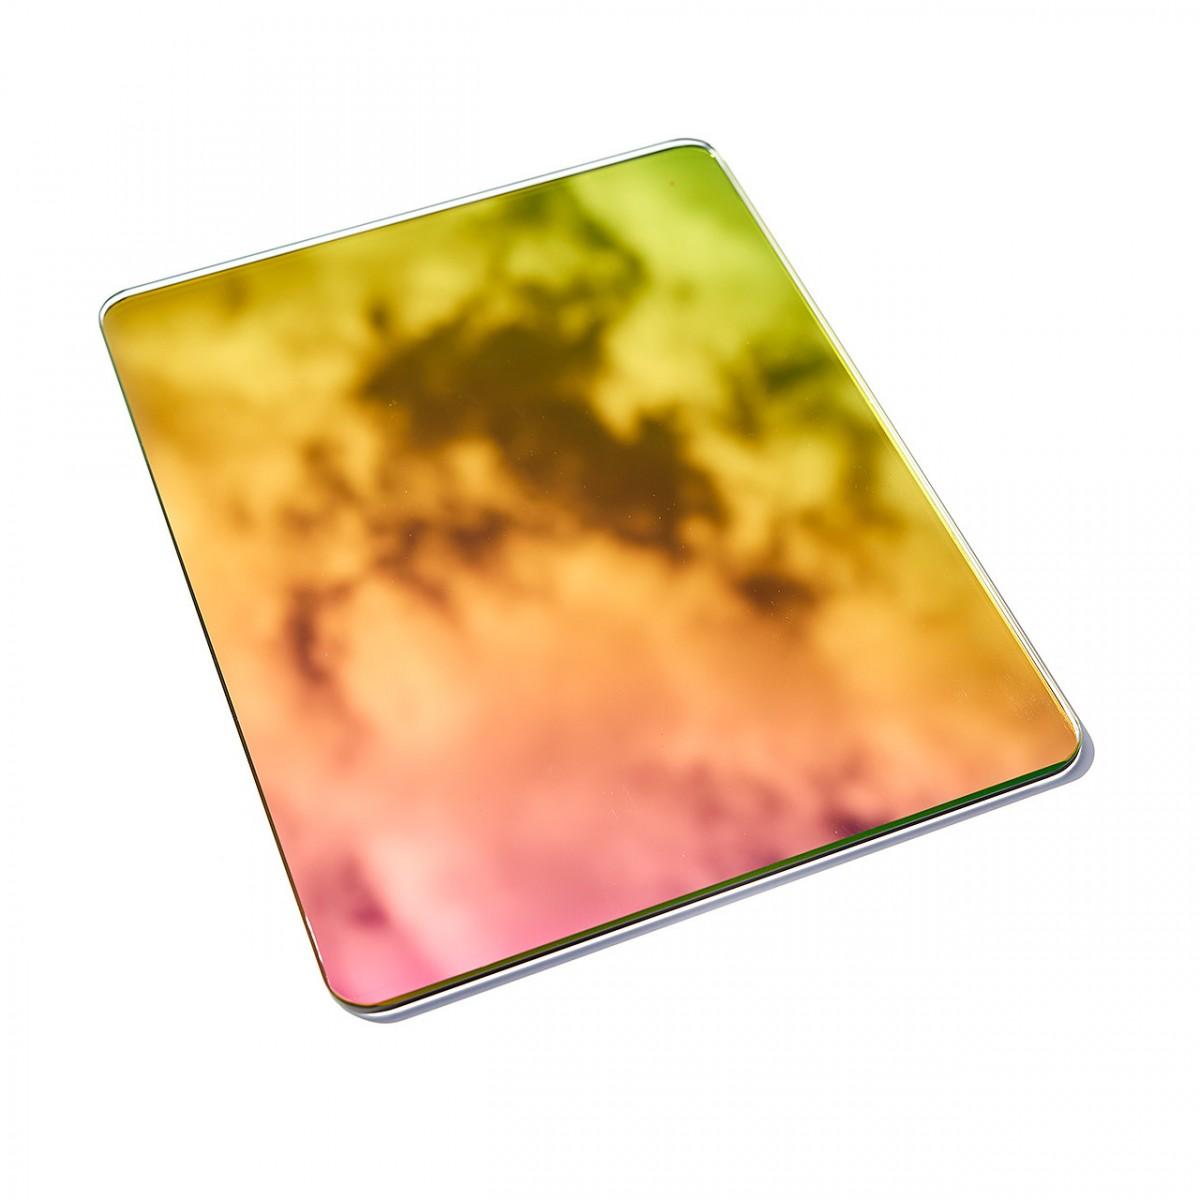 FÚ_DAWN color gradient mirror